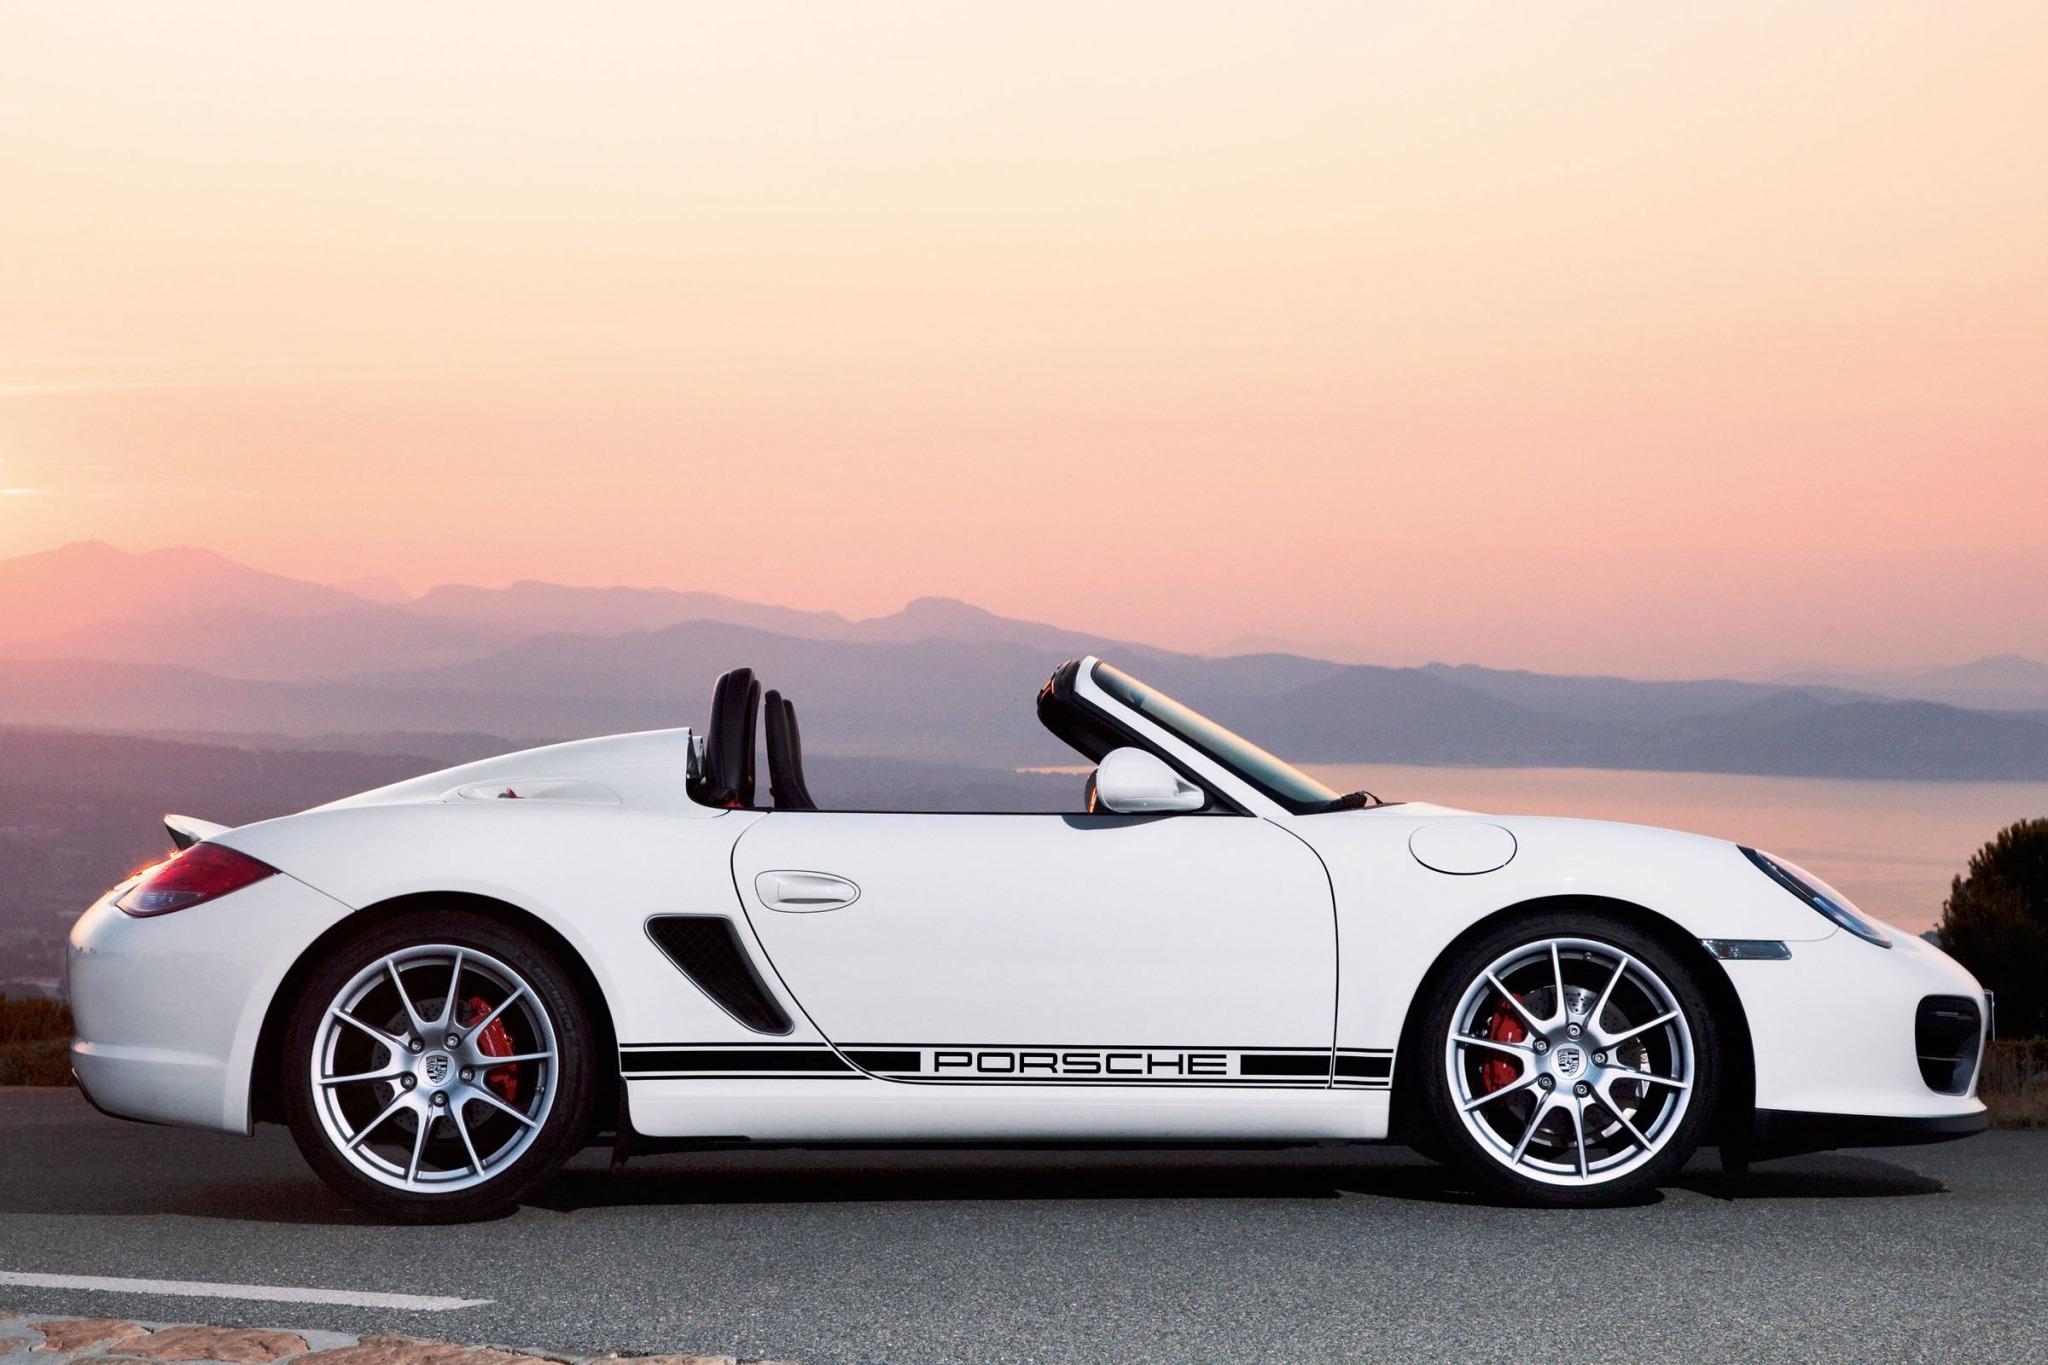 2012 porsche boxster 5 2011 porsche boxster s bl interior 5 - Porsche Spyder 2012